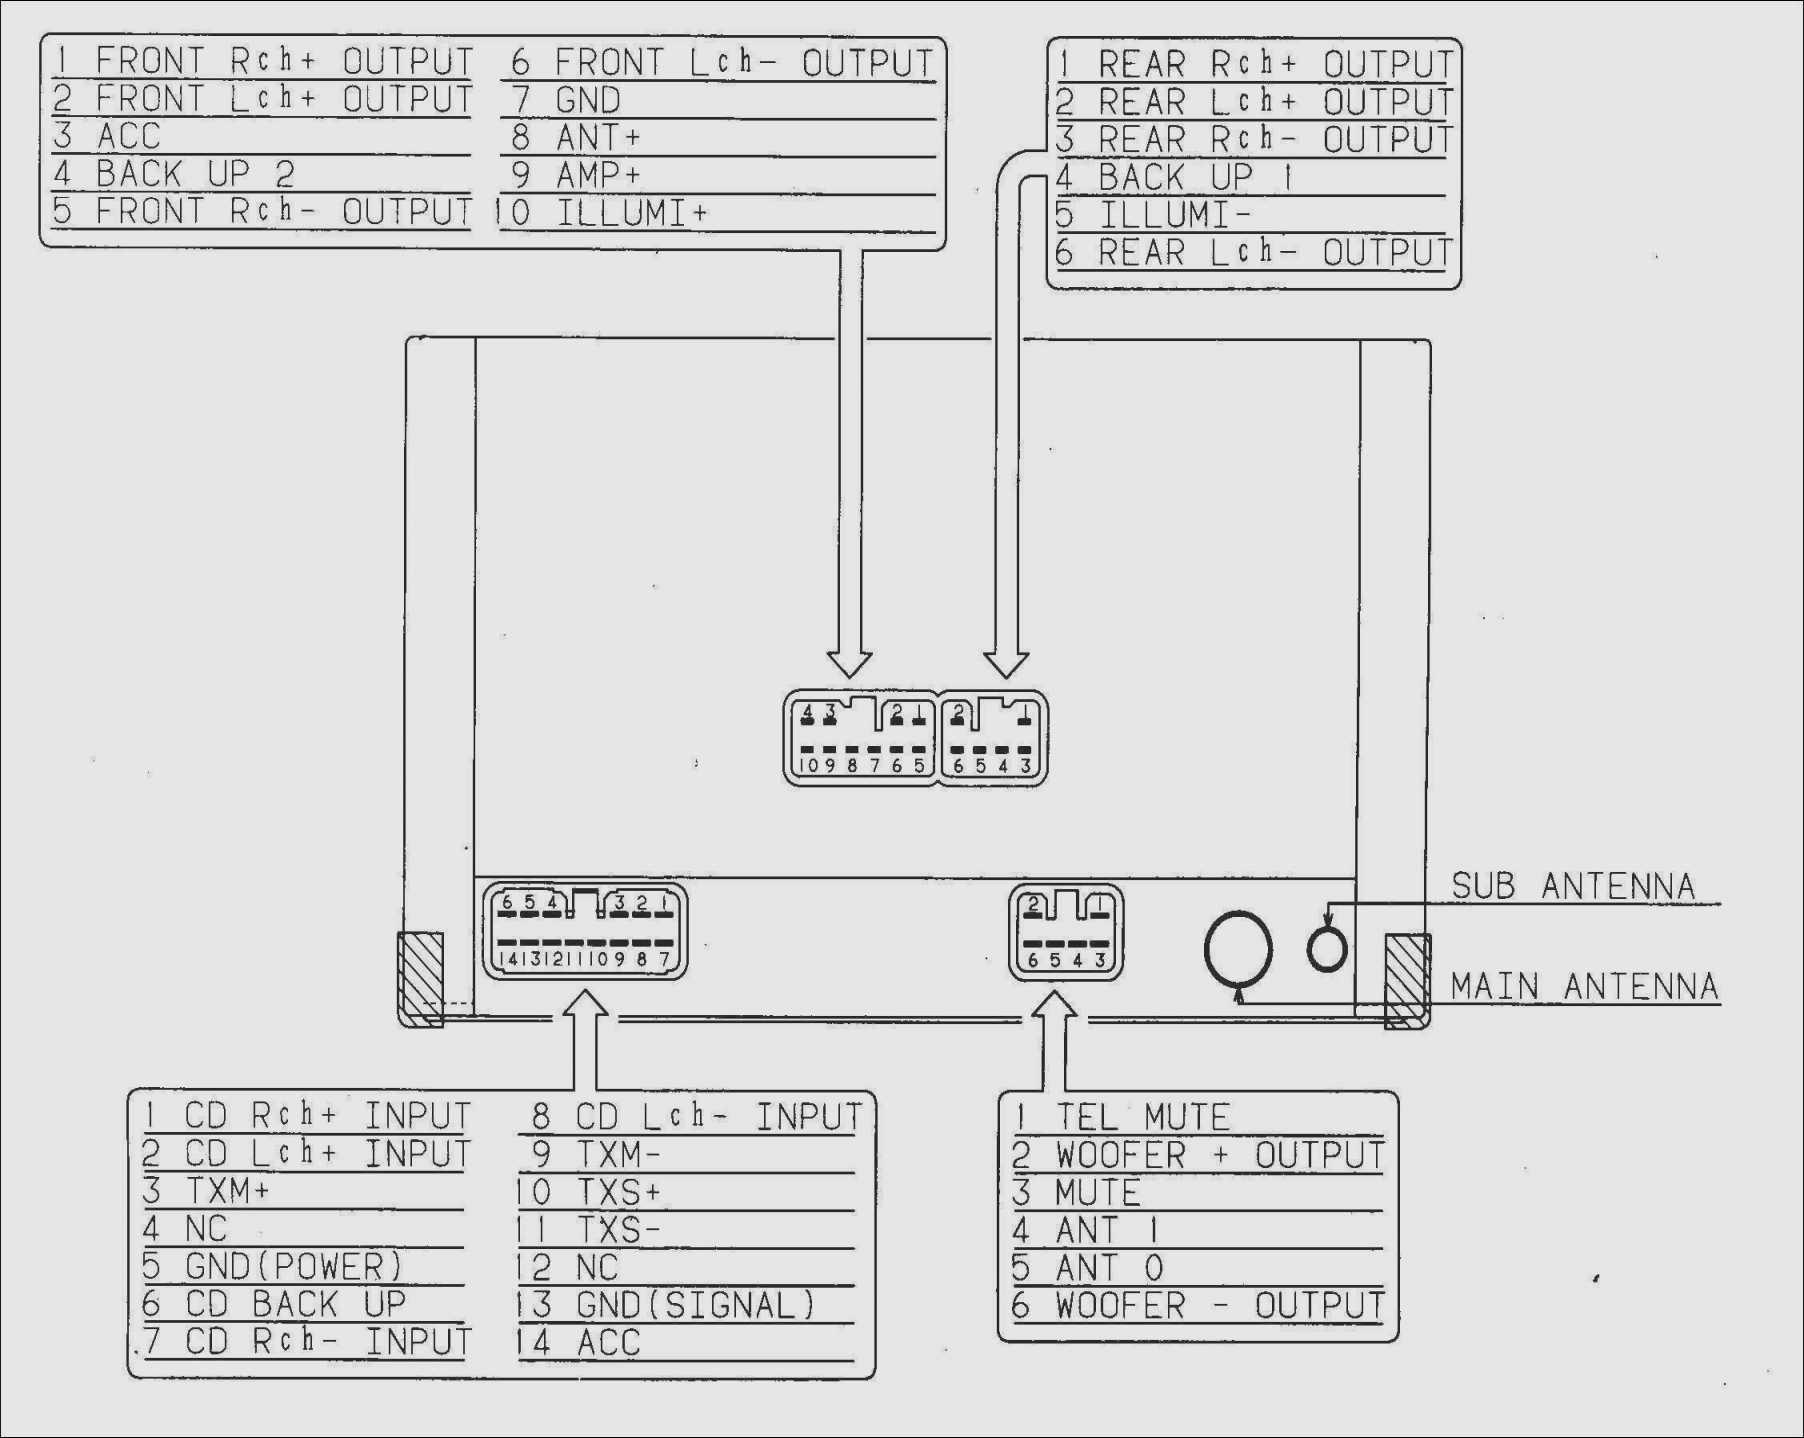 Harness Pioneer Diagram Wiring Avh200Bt | Wiring Diagram - Pioneer Avh-200Bt Wiring Diagram